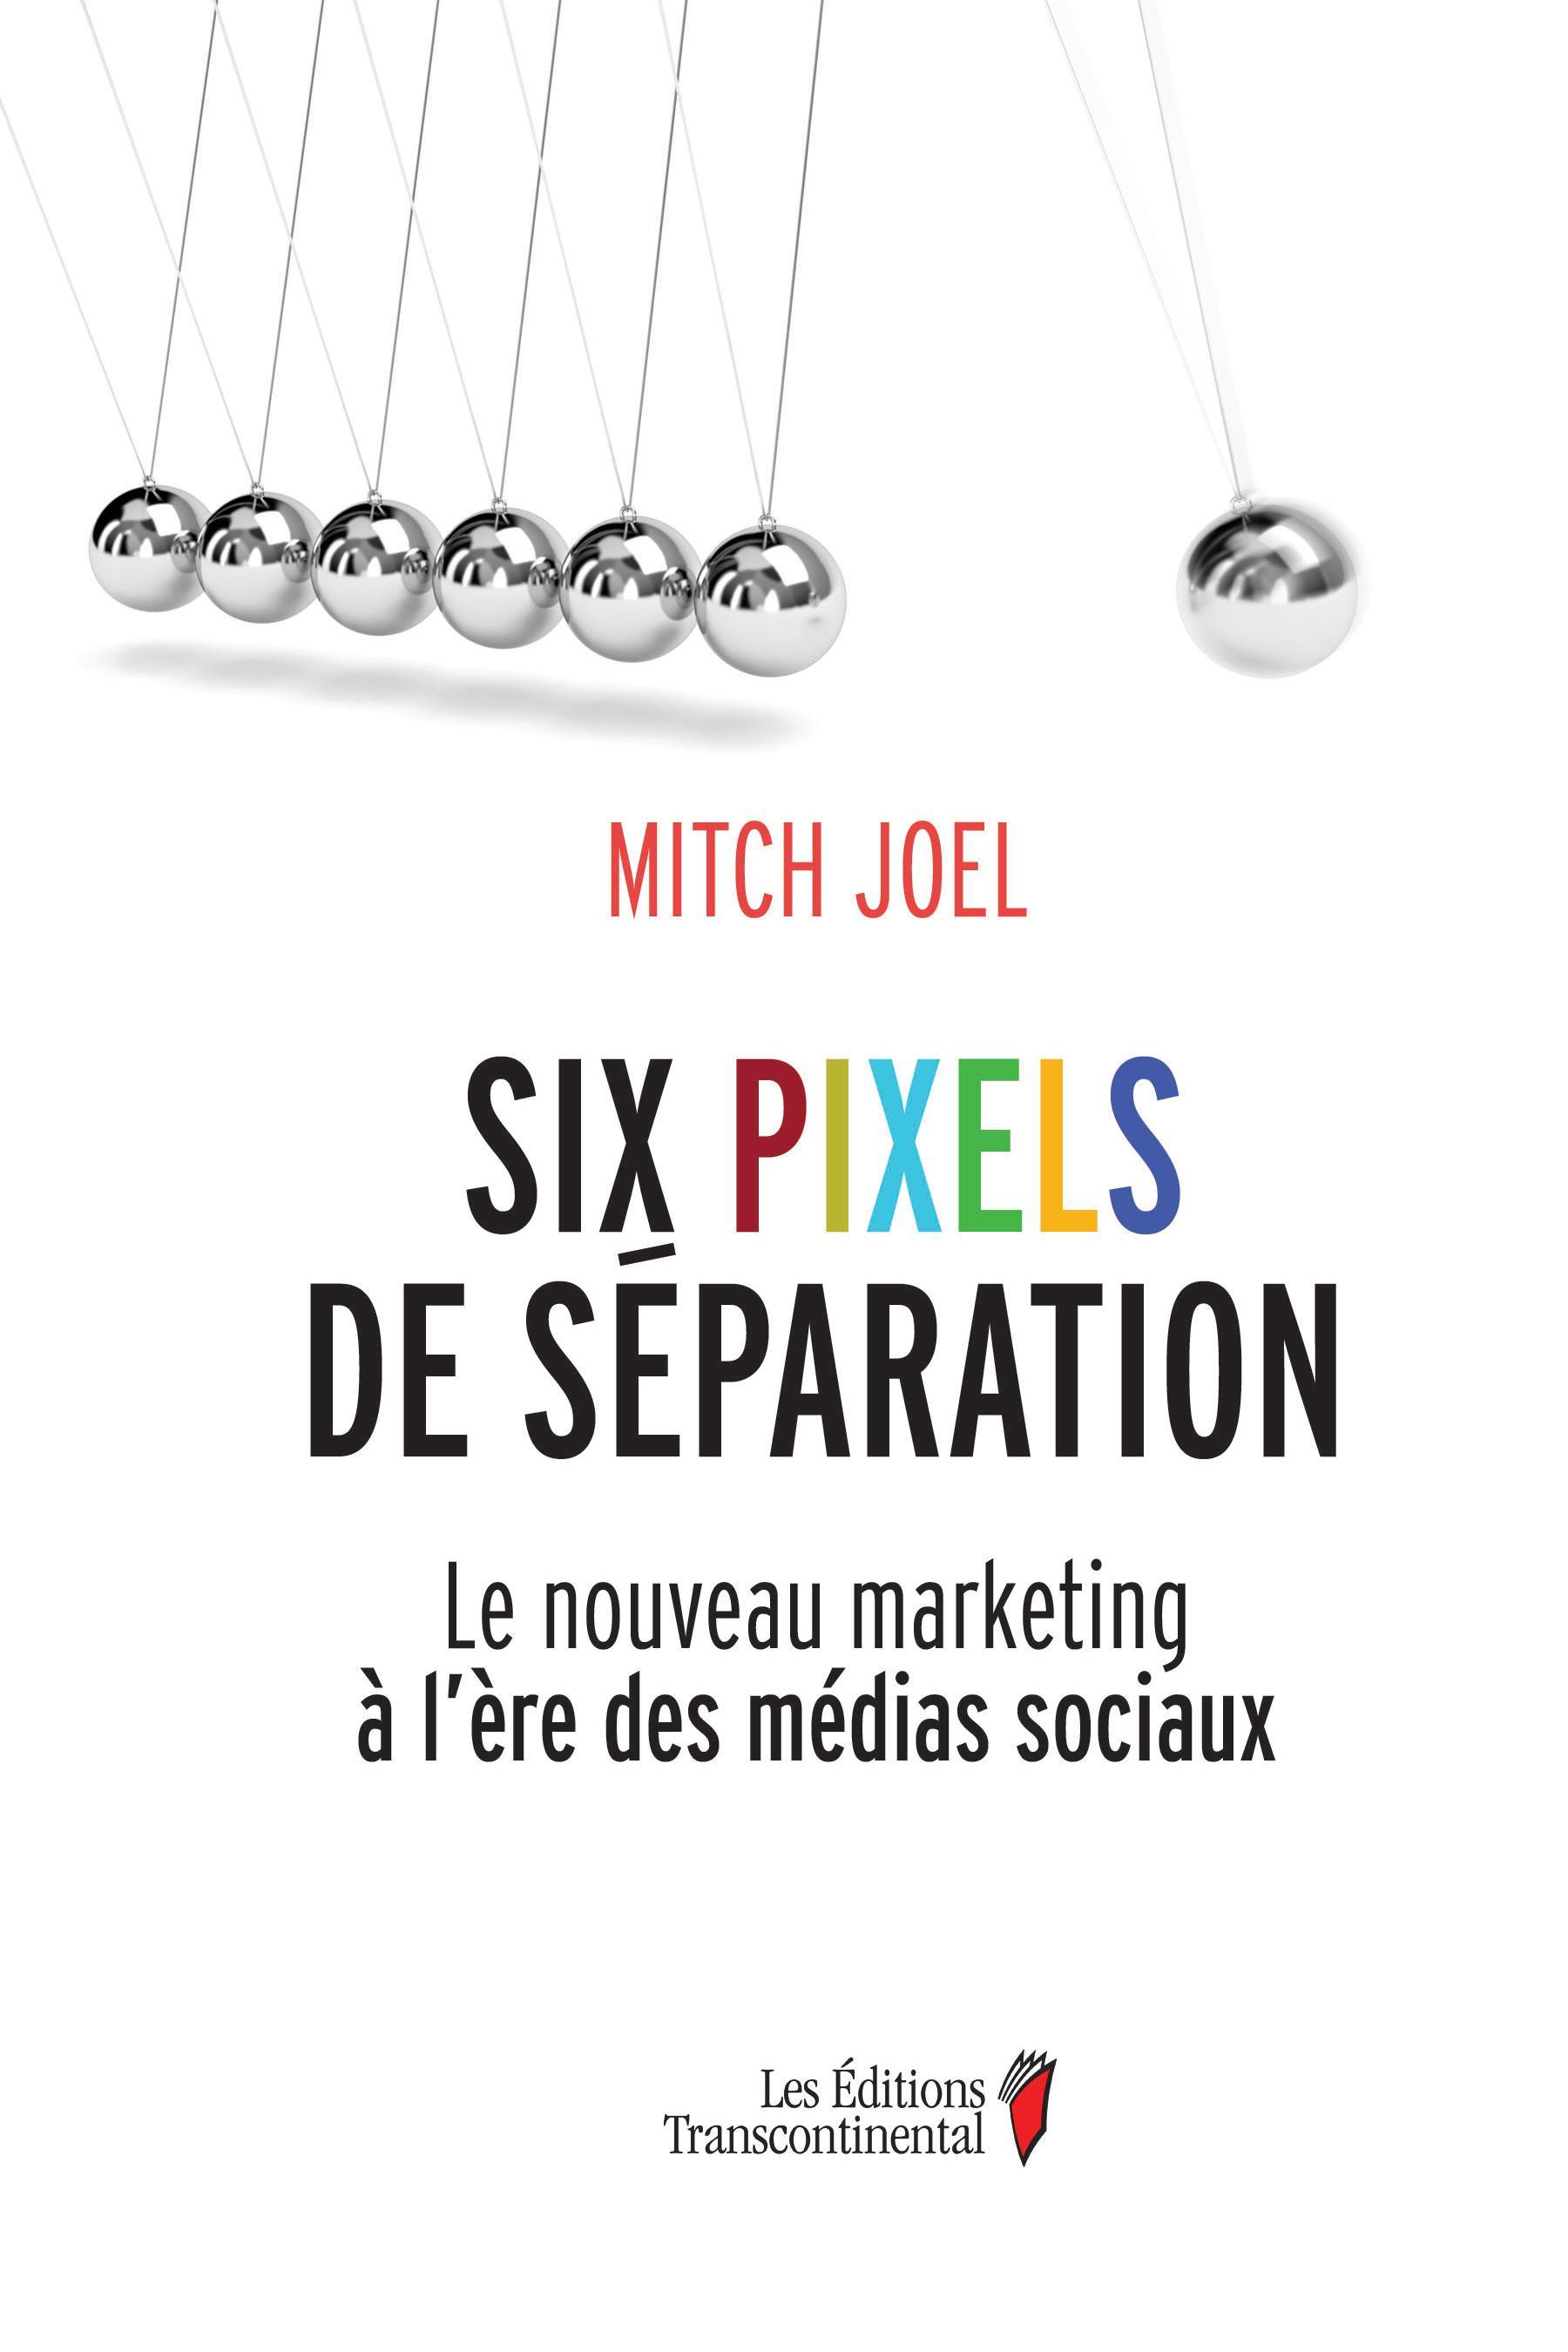 Six pixels de séparation